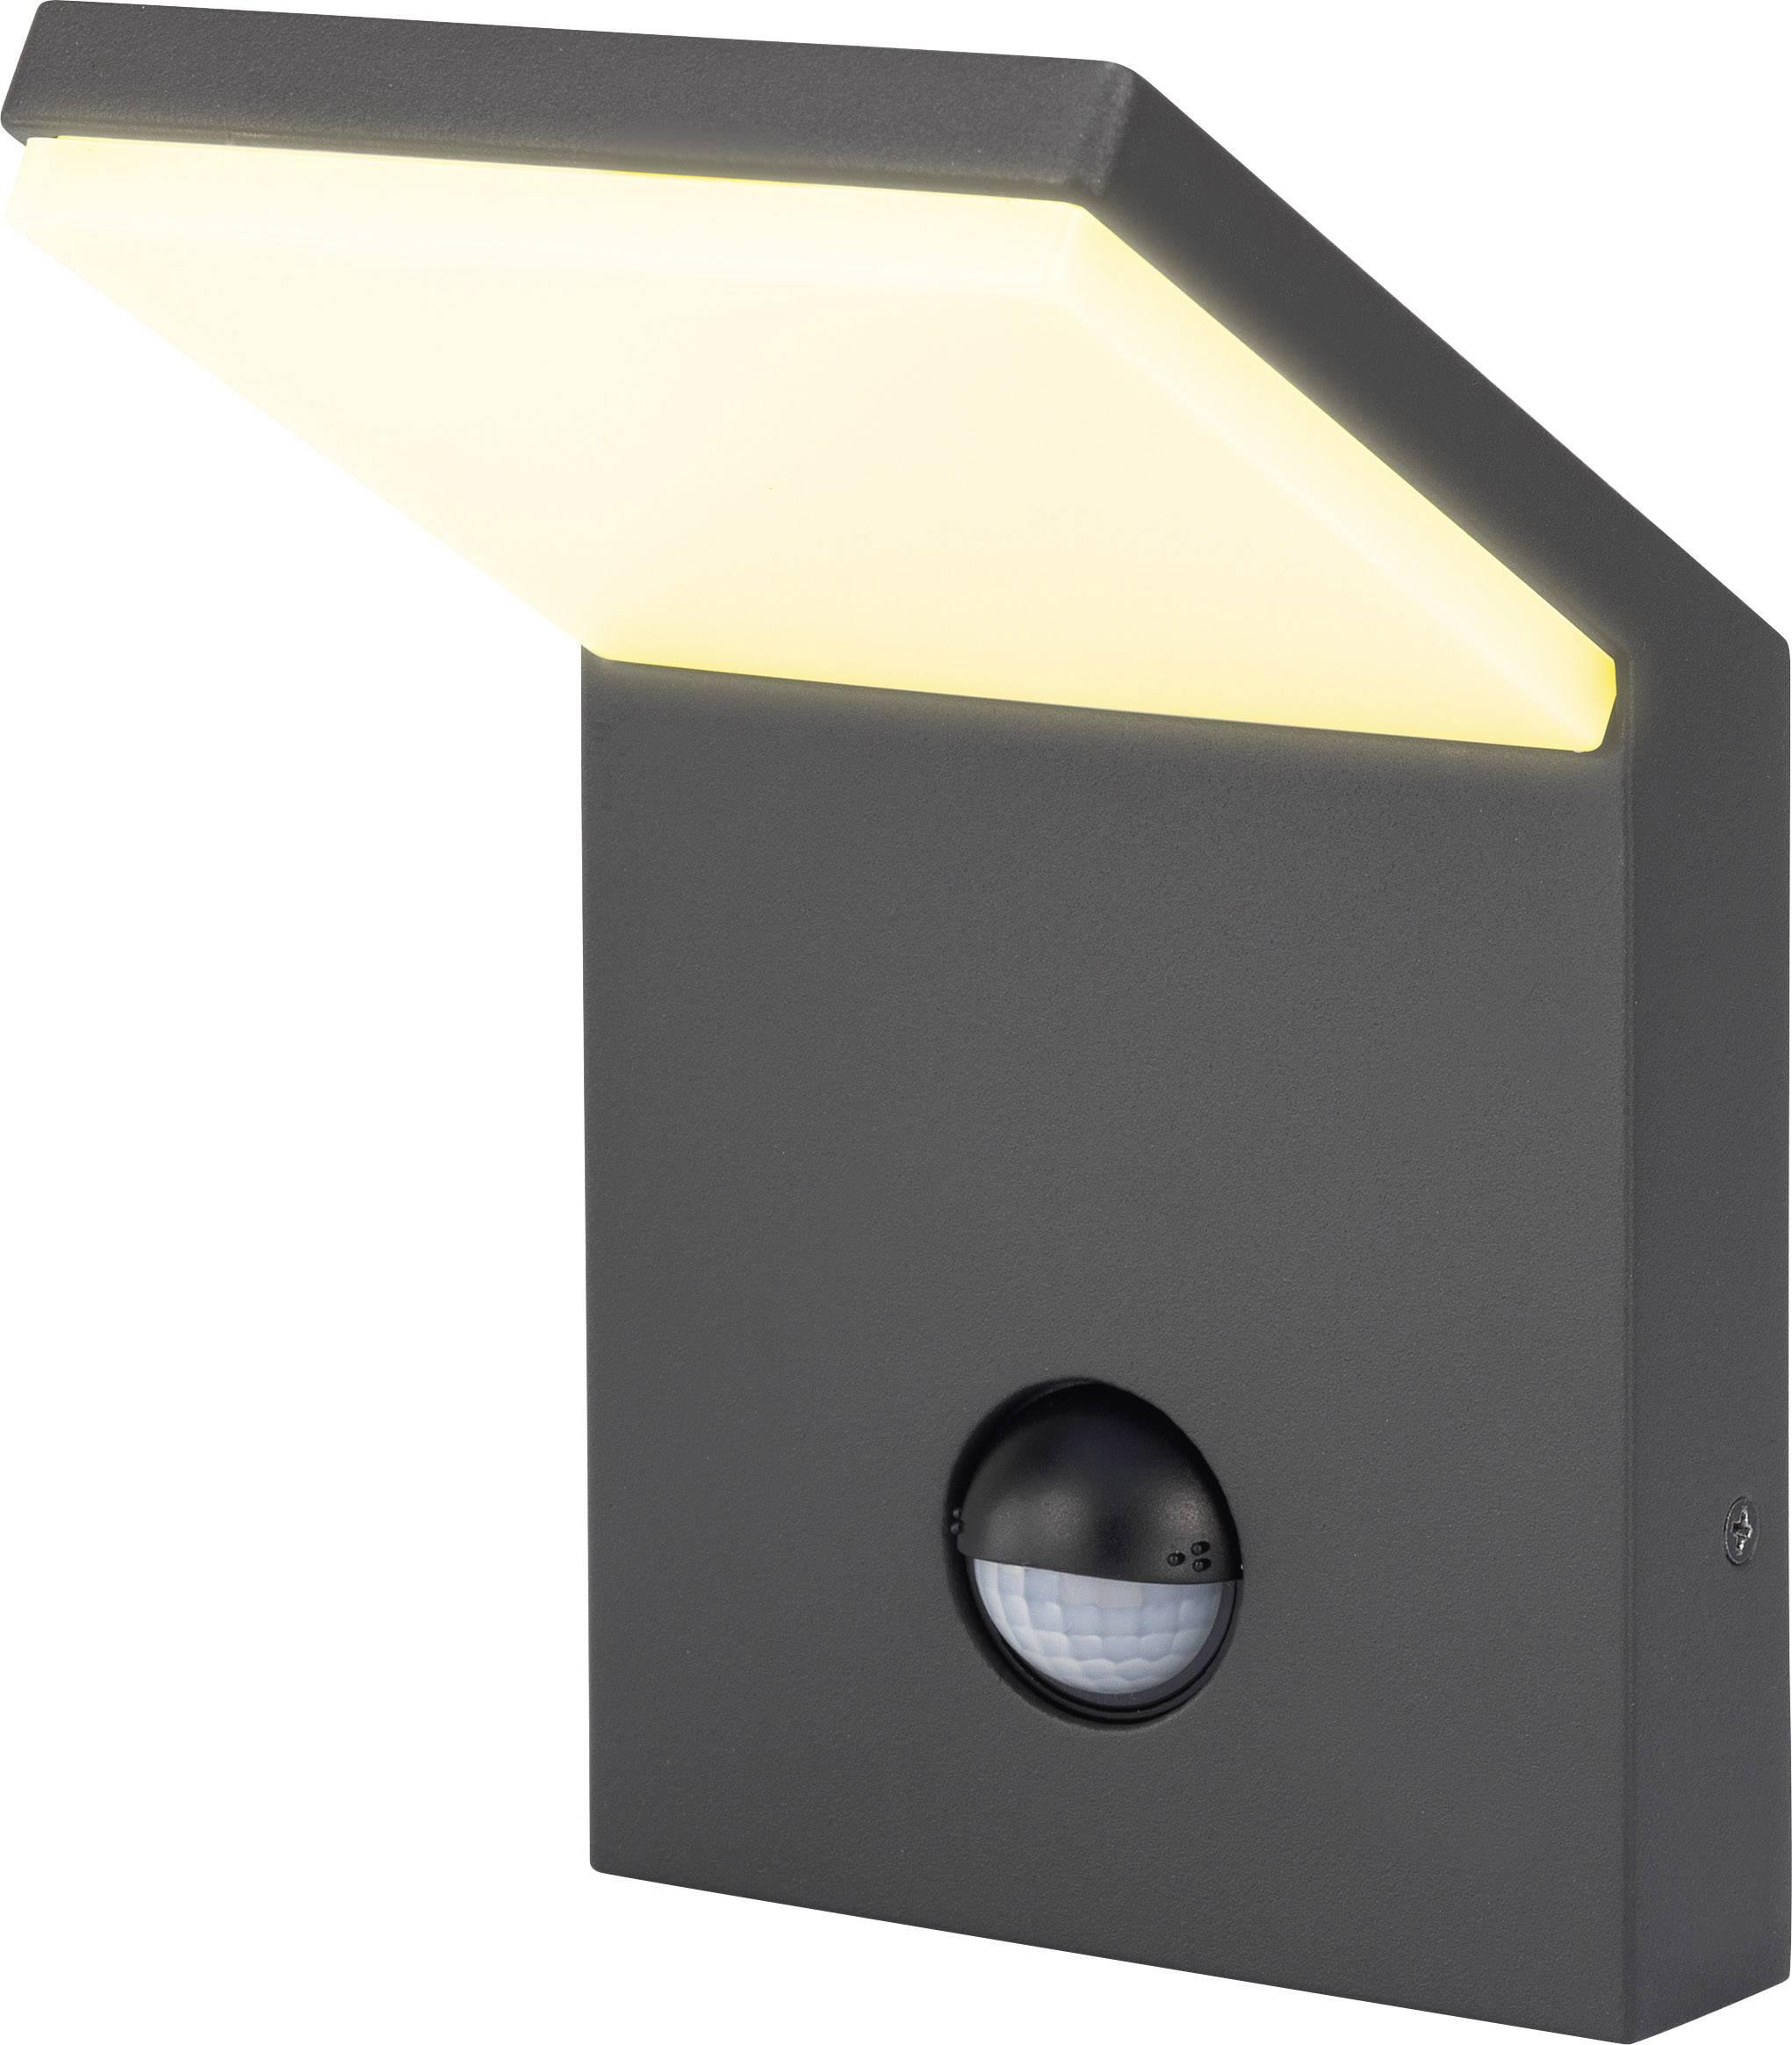 LEDvonkajšienástennéosvetleniesPIR senzorom 9.5 W teplá biela Renkforce Bilbao 1406152